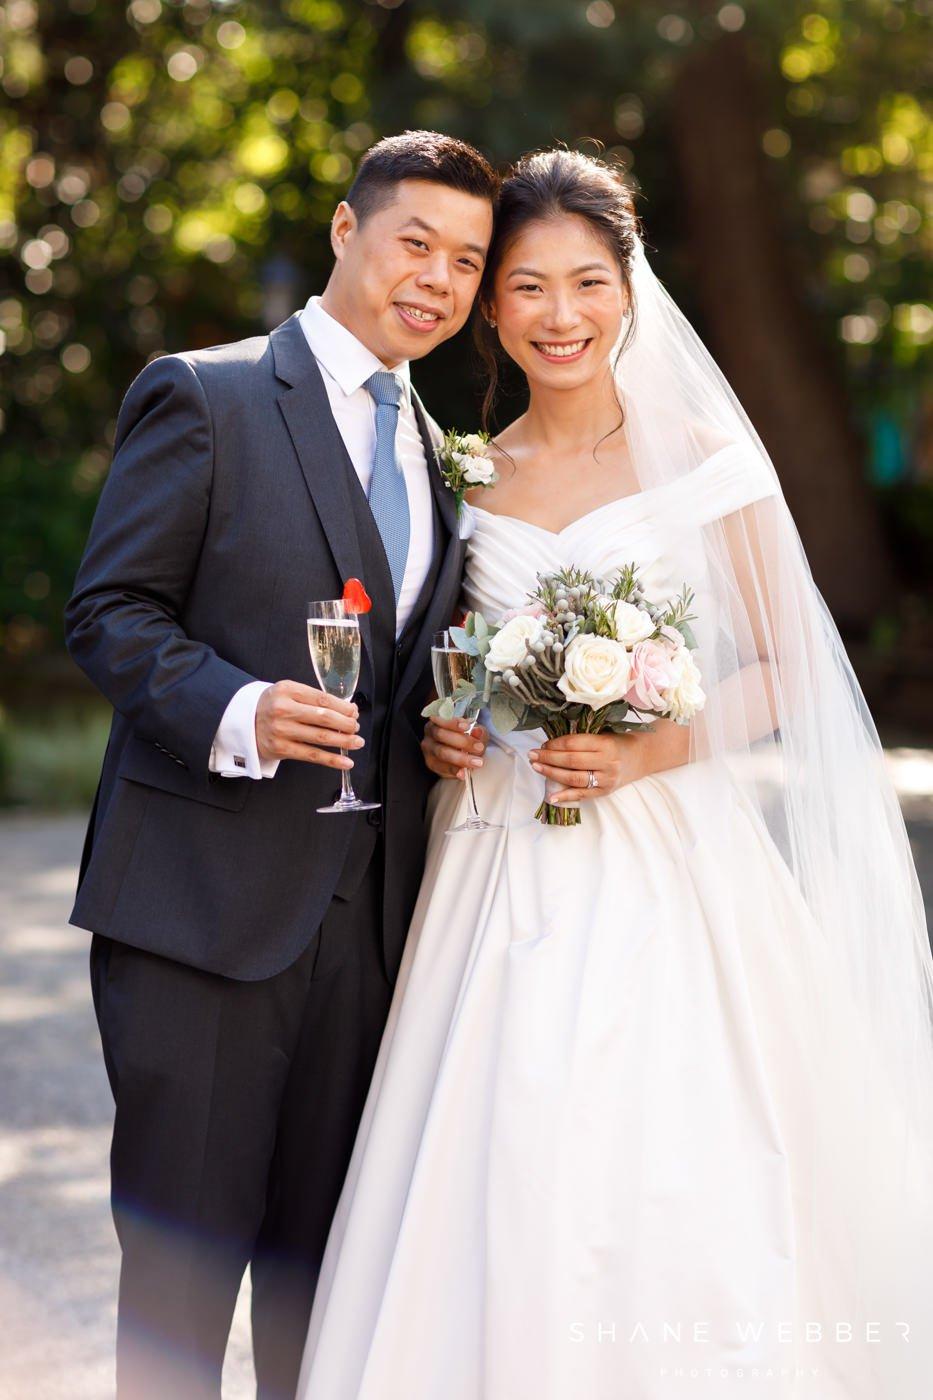 cote how wedding